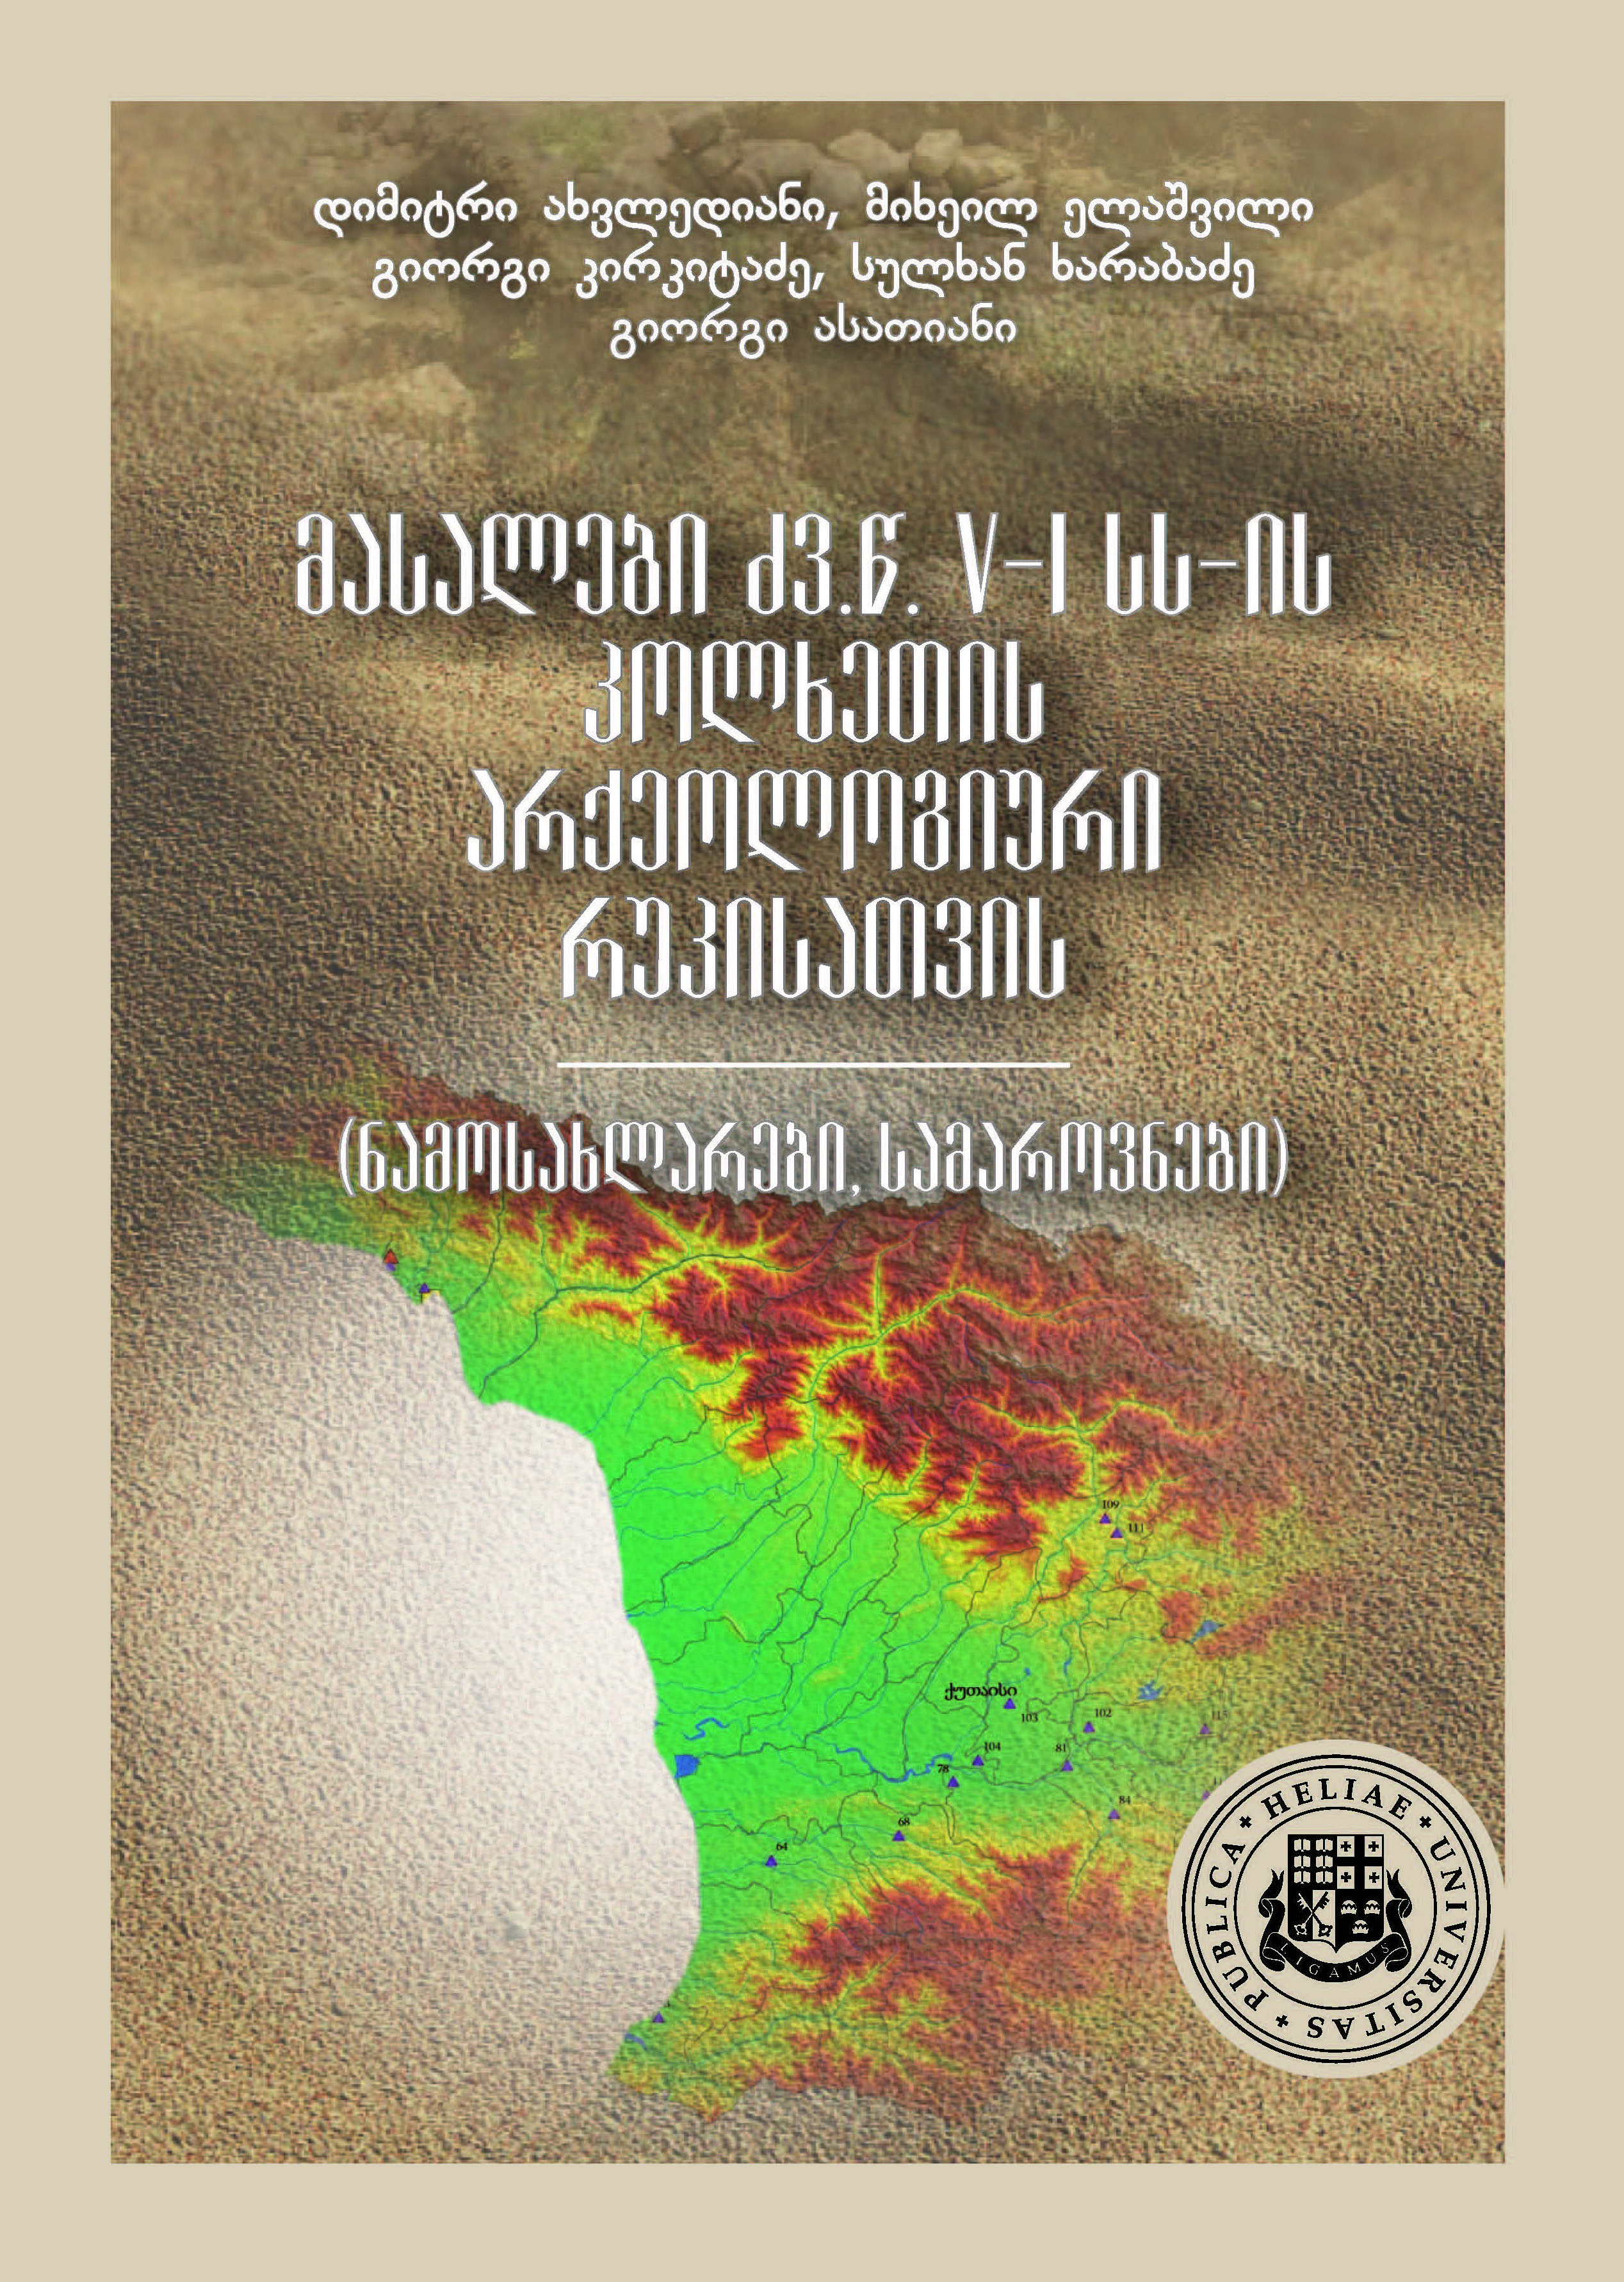 masalebi arqeologiuri rukistvis